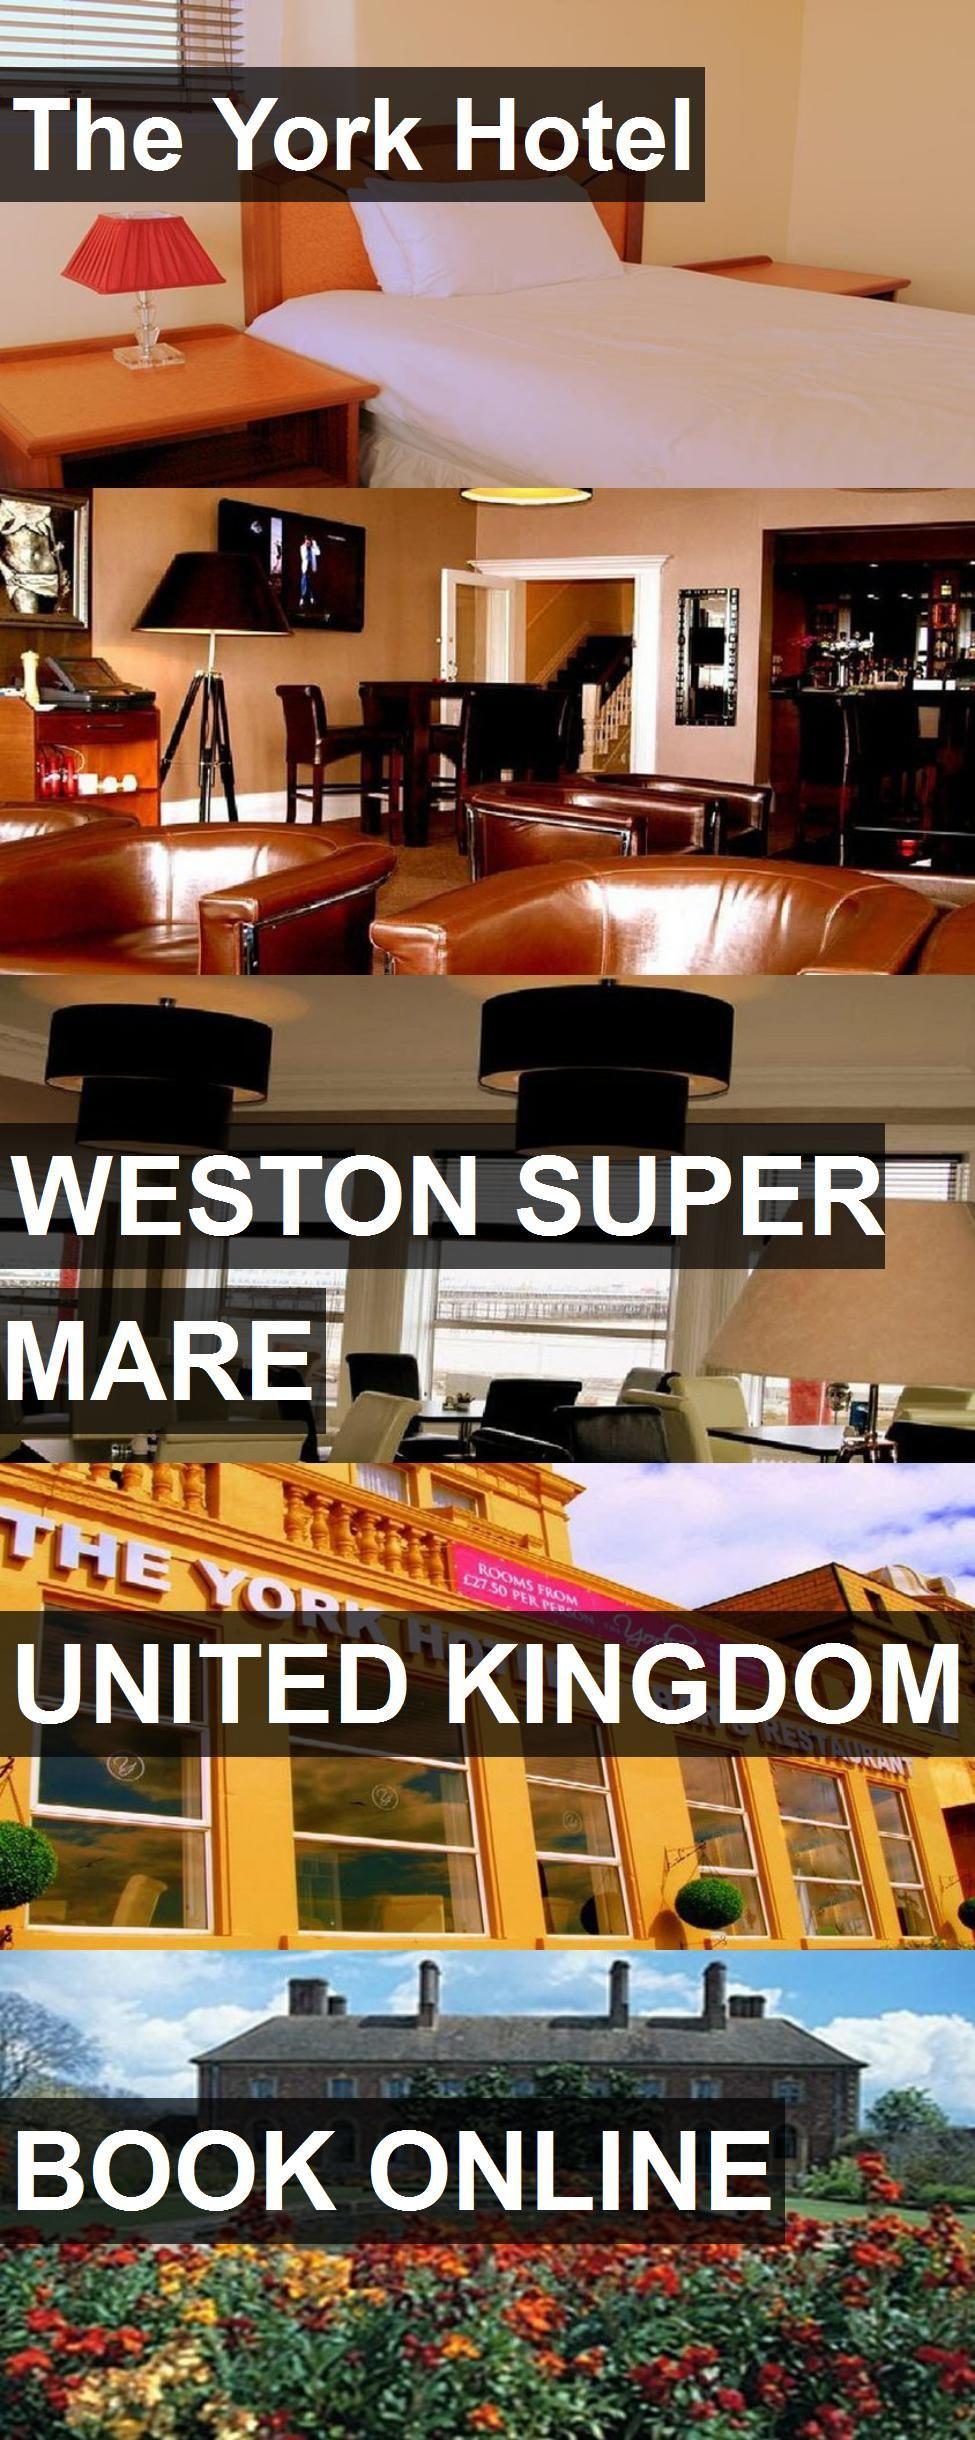 The York Hotel In Weston Super Mare, United Kingdom. For